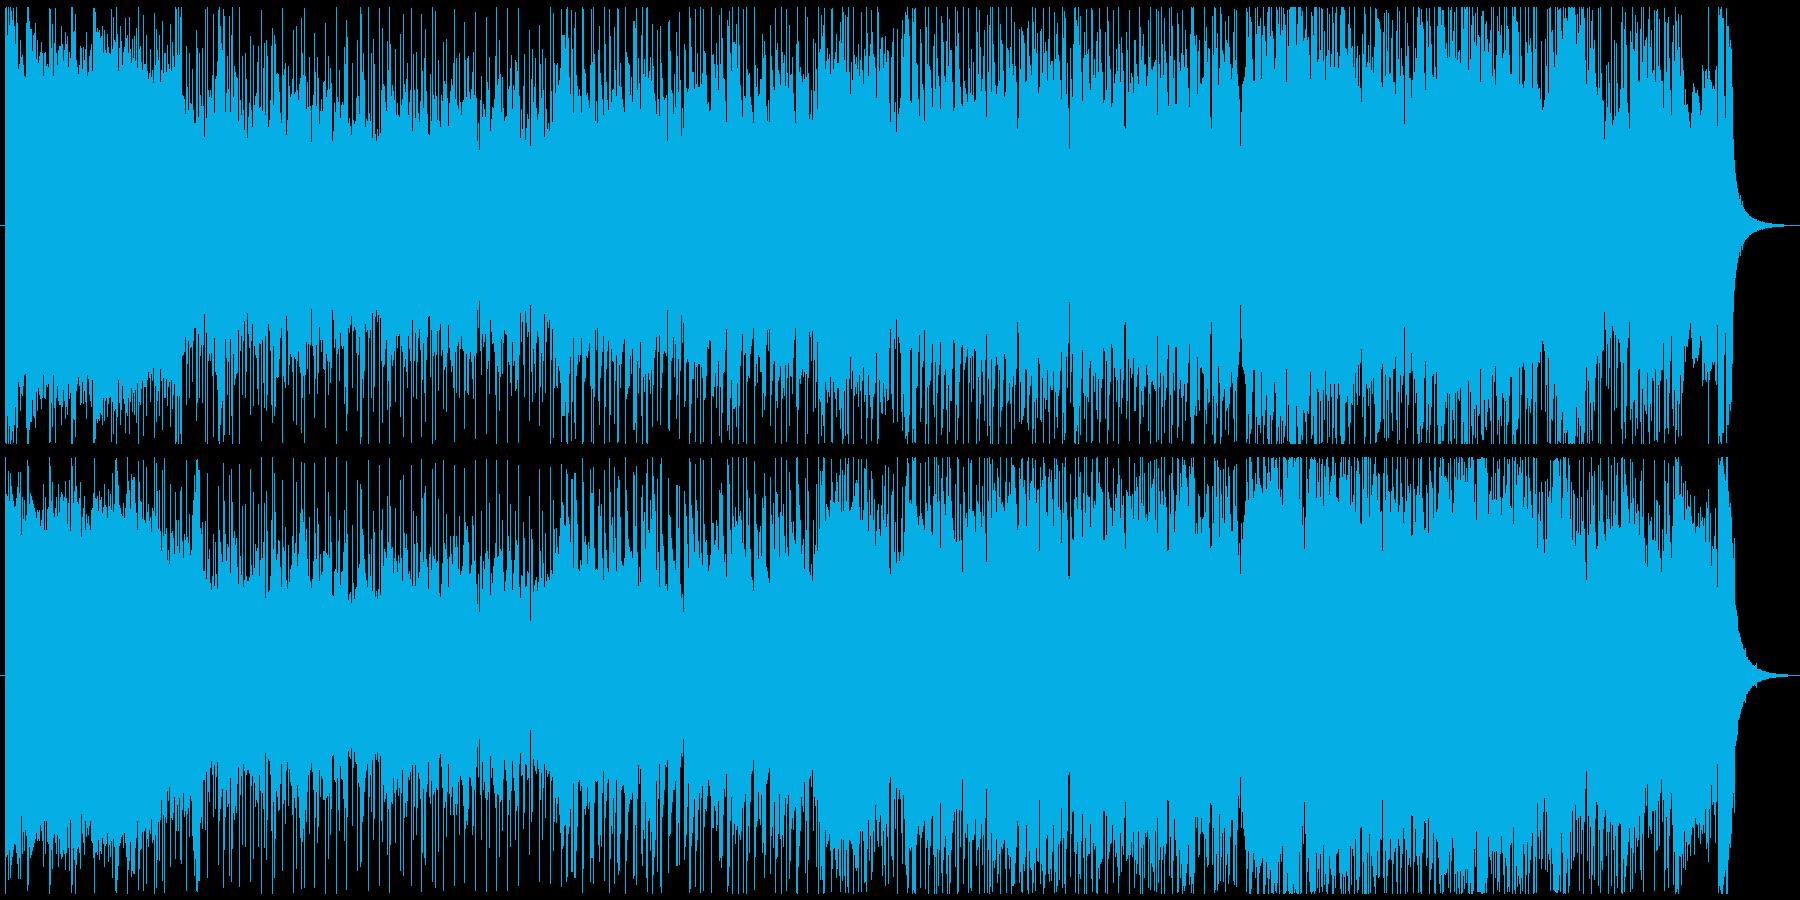 アニメやゲームのOP風 キャッチーな曲の再生済みの波形